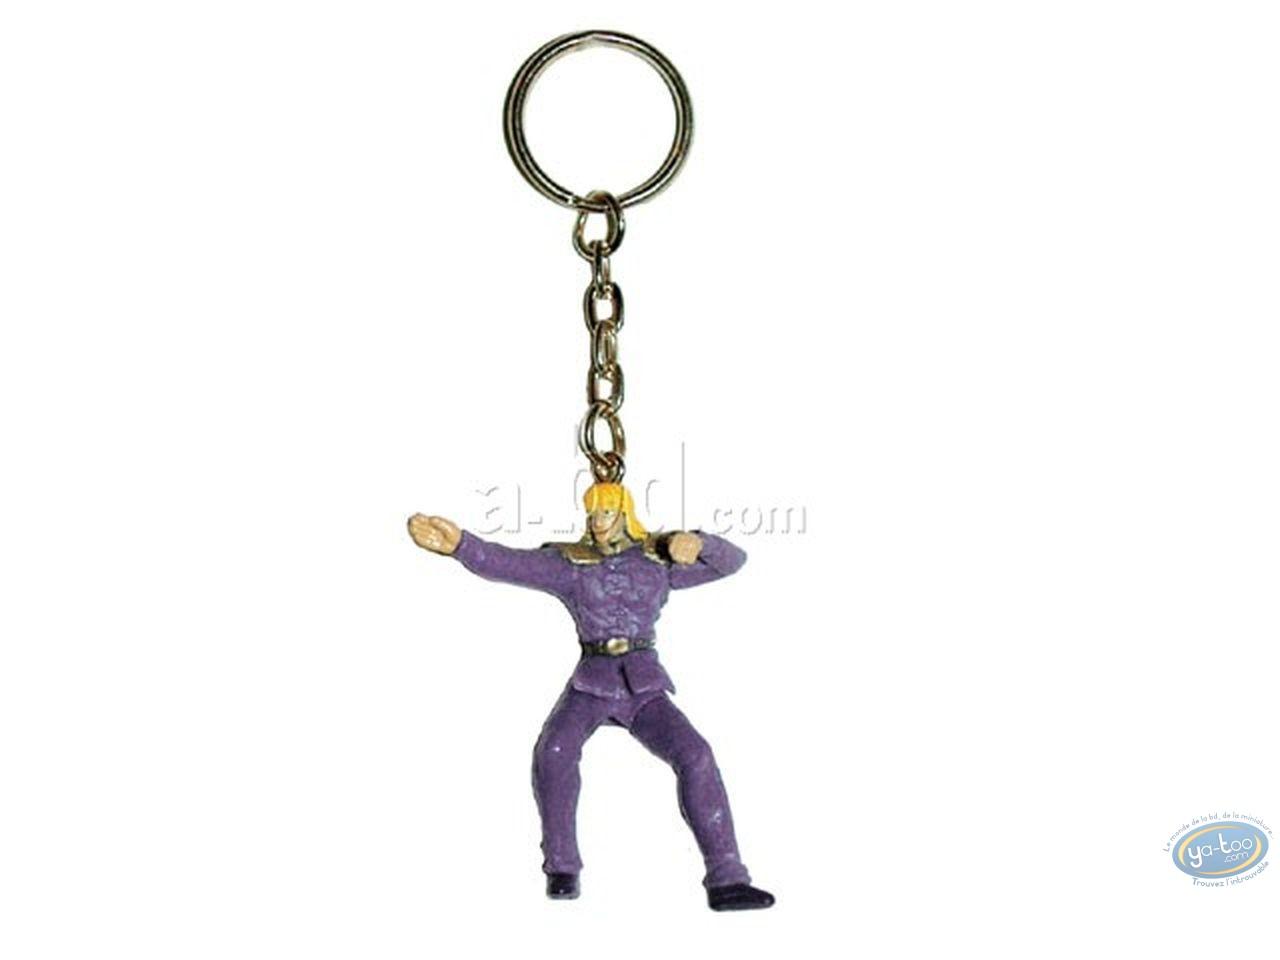 Porte-clé PVC, Ken le Survivant : Ken le Survivant 4